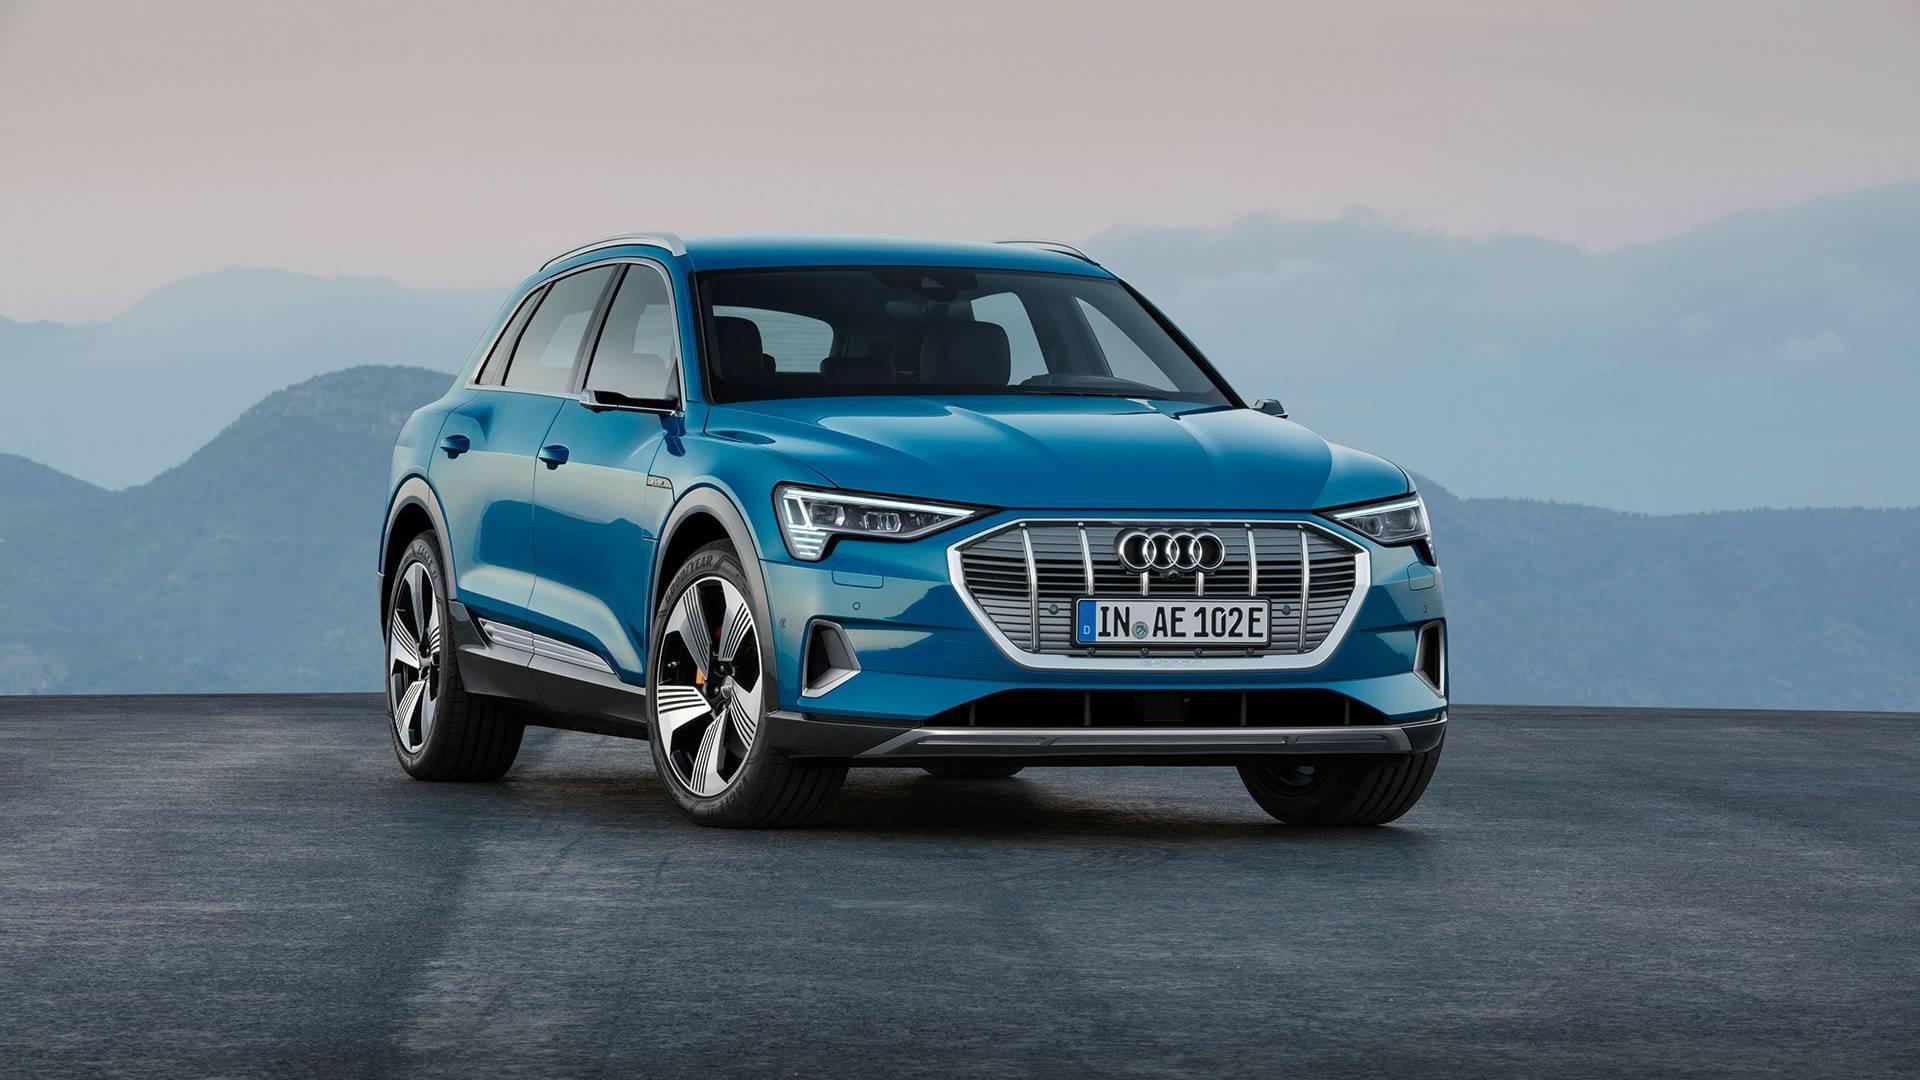 Llamada a revisión para el Audi e-tron: Posible riesgo de incendio